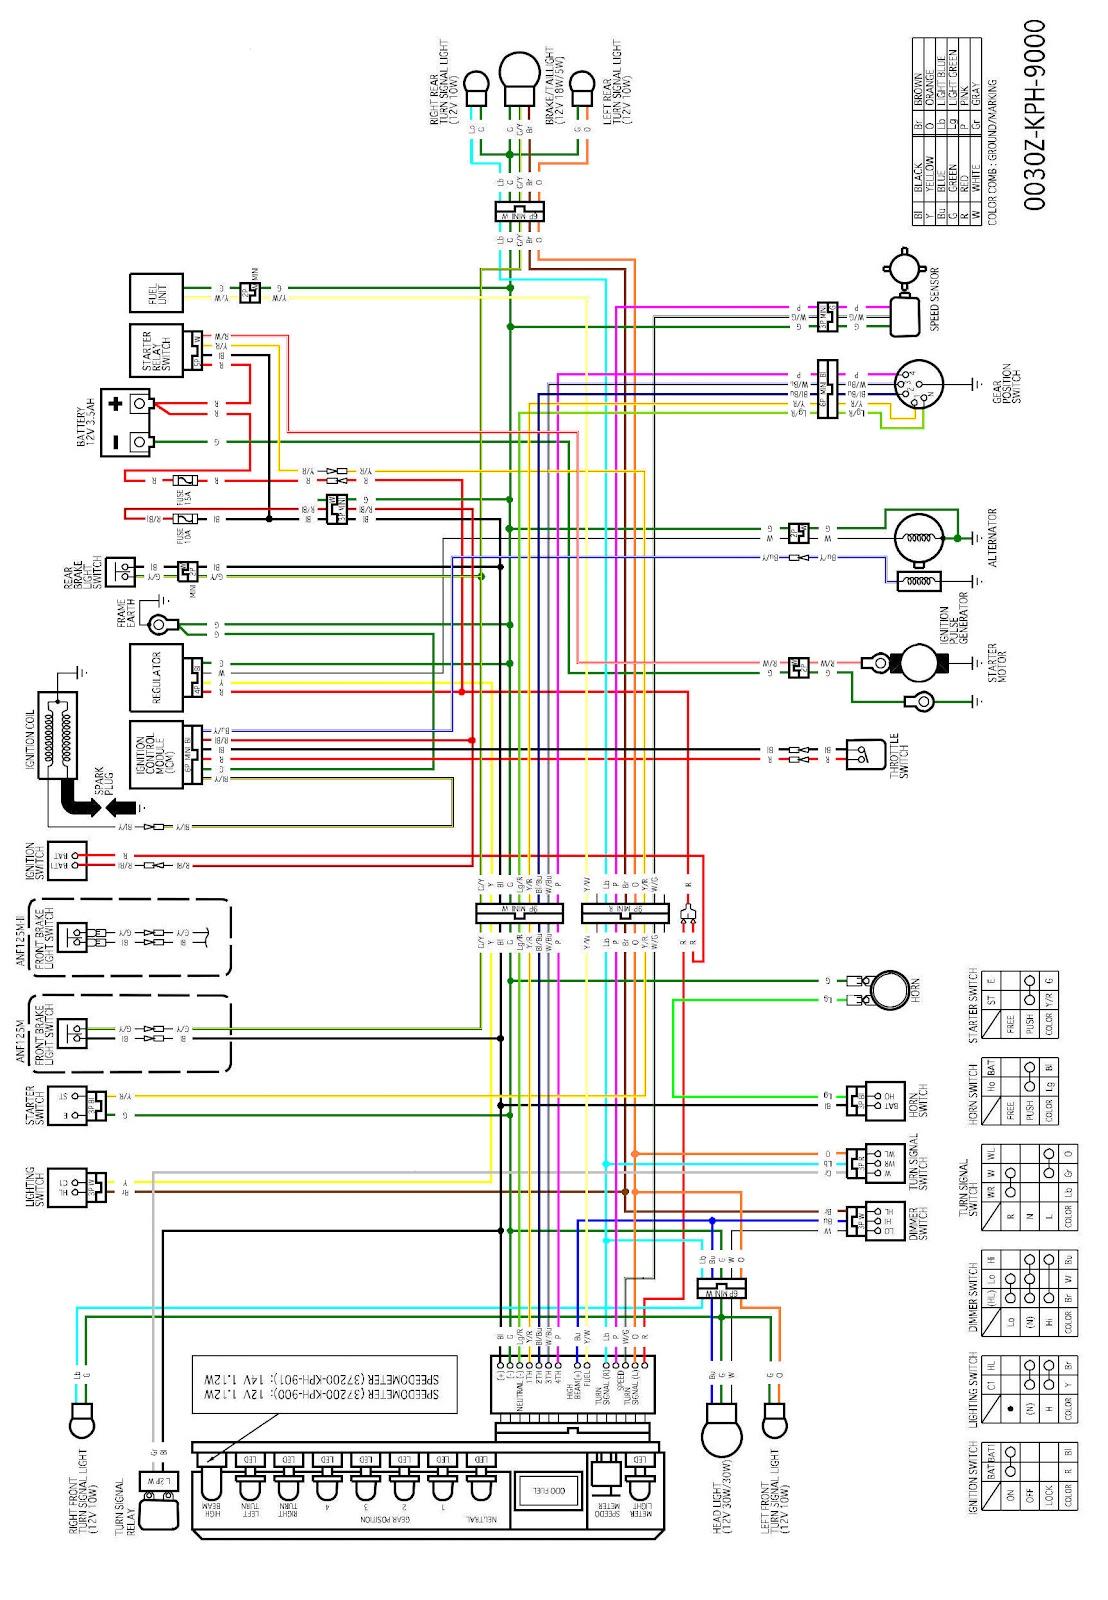 hight resolution of wiring diagram motor honda karisma x wiring library wiring diagram motor karisma